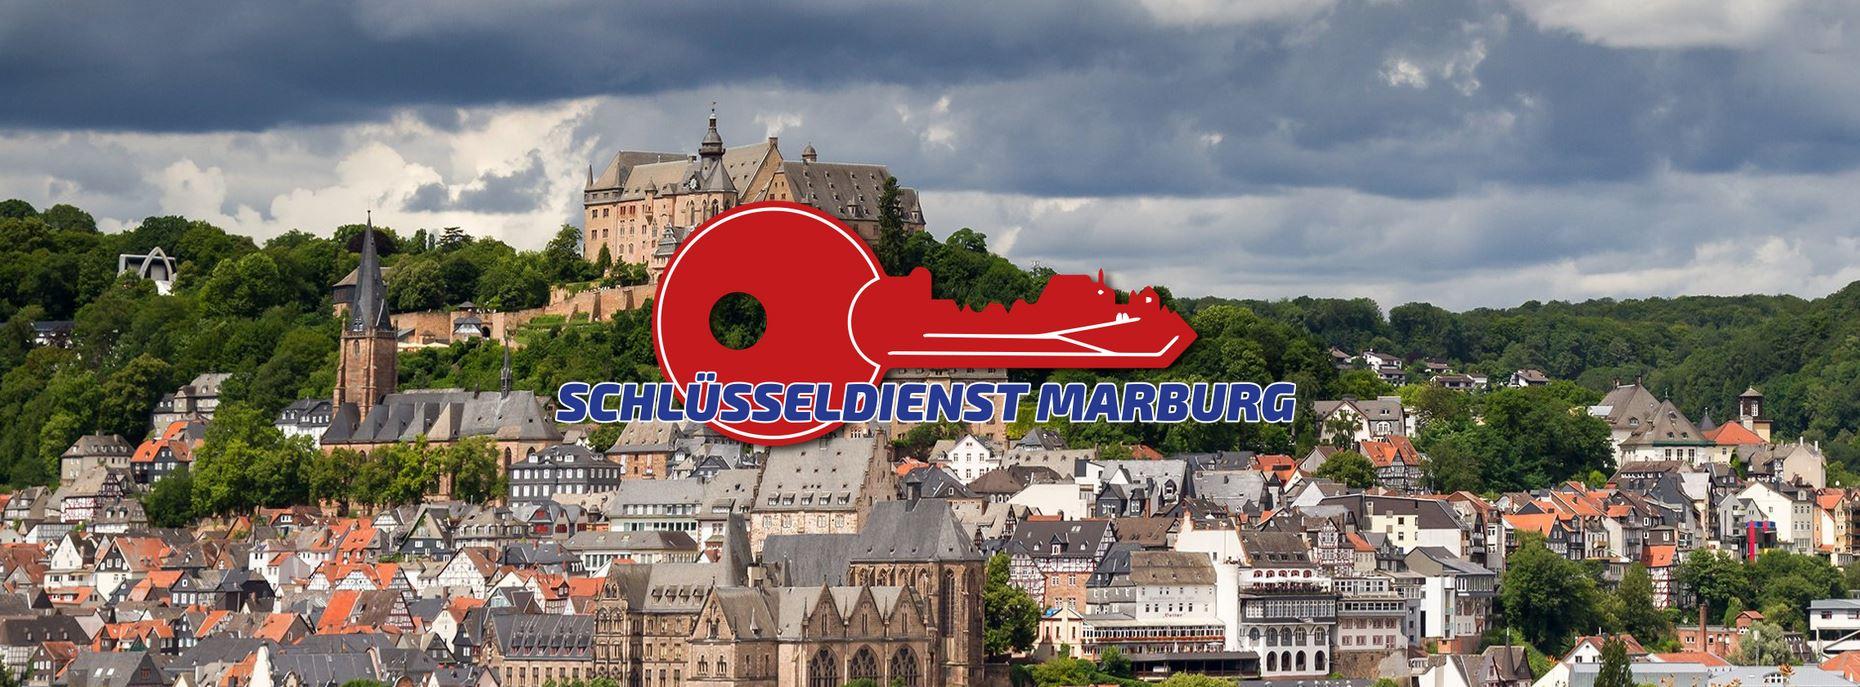 Schlüsseldienst Marburg-Festpreise-Inh.Marx Marburg